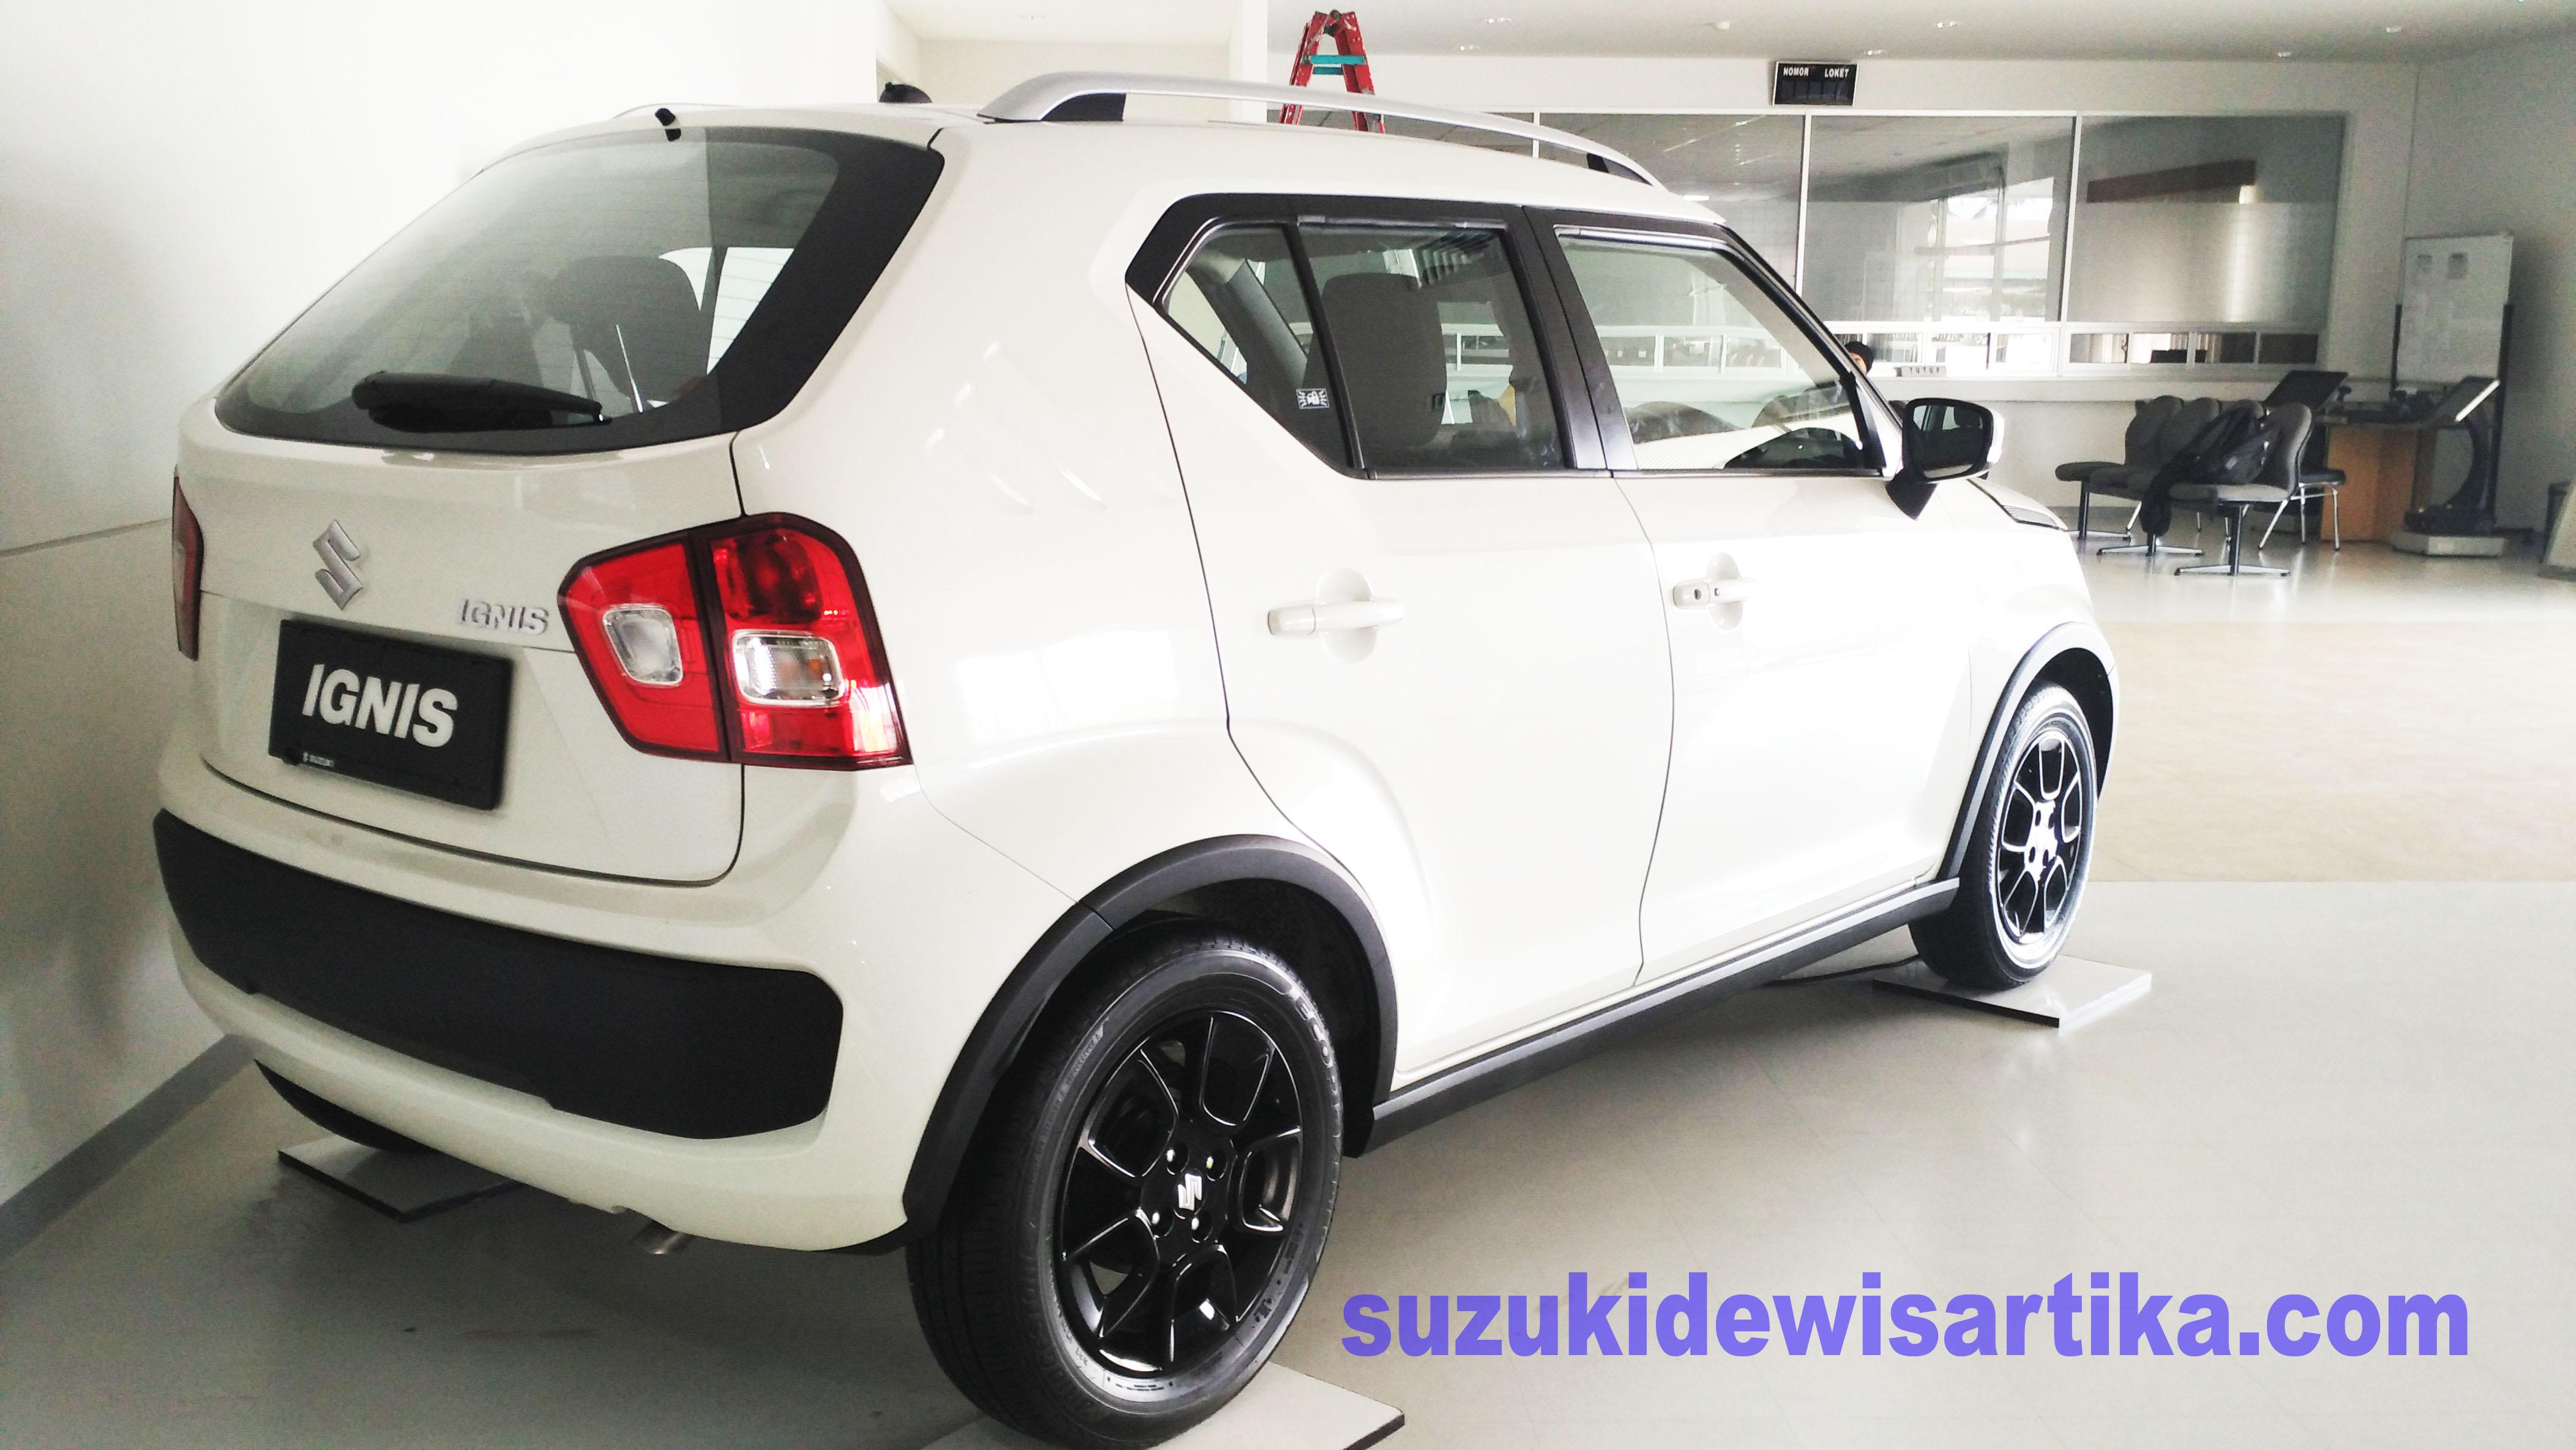 Suzuki Ignis Tampak samping belakang